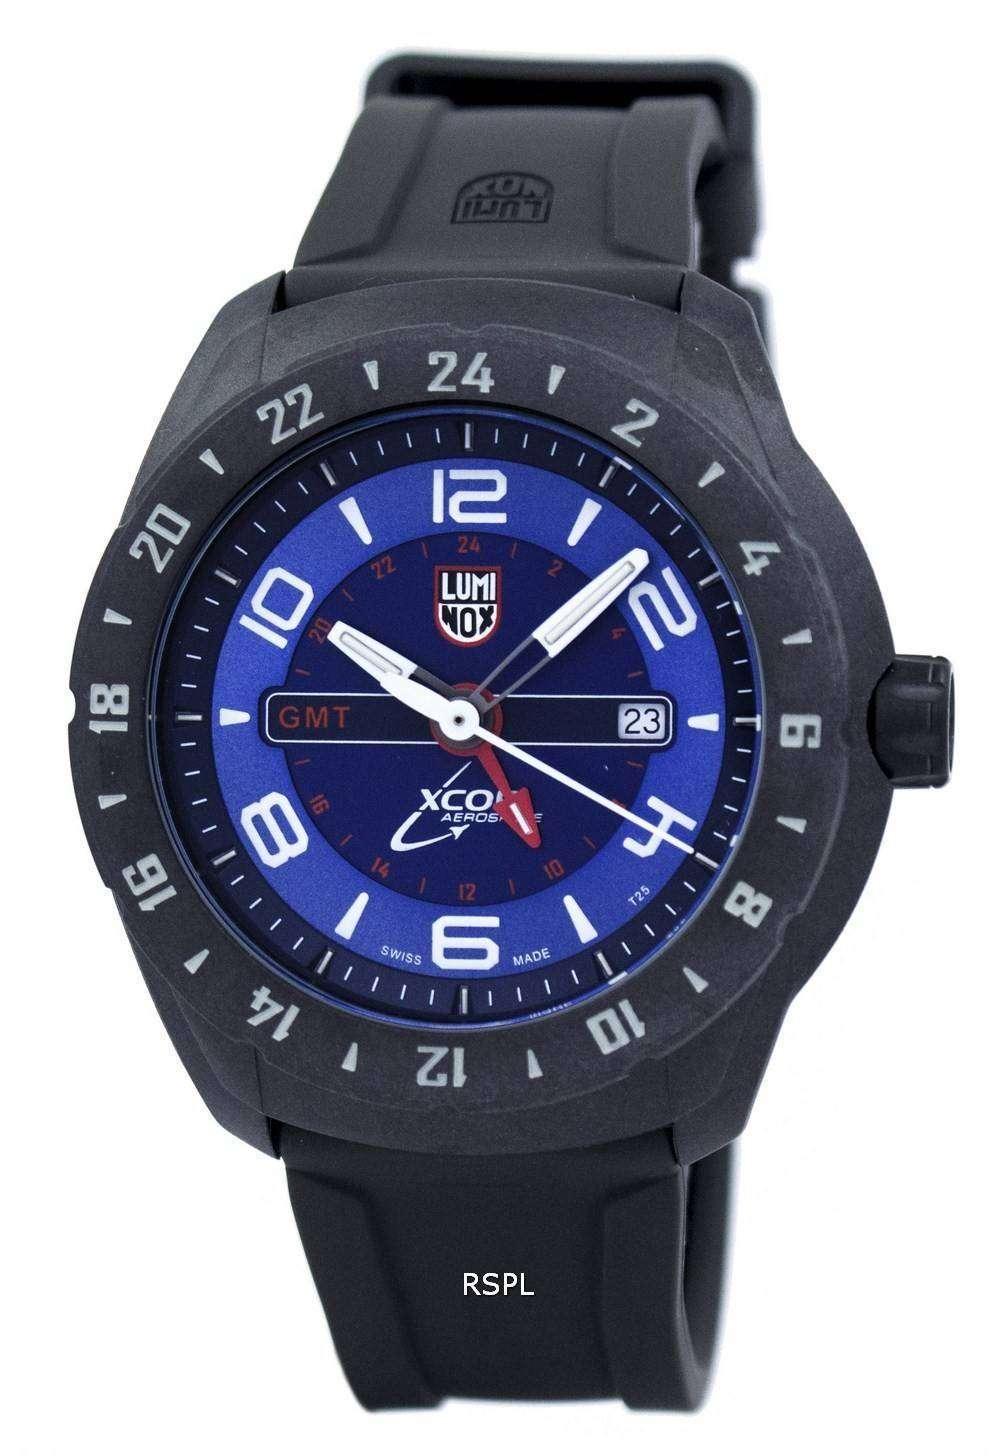 ルミノックス XCOR 航空宇宙 GMT 5020 シリーズ水晶 XU.5023 メンズ腕時計